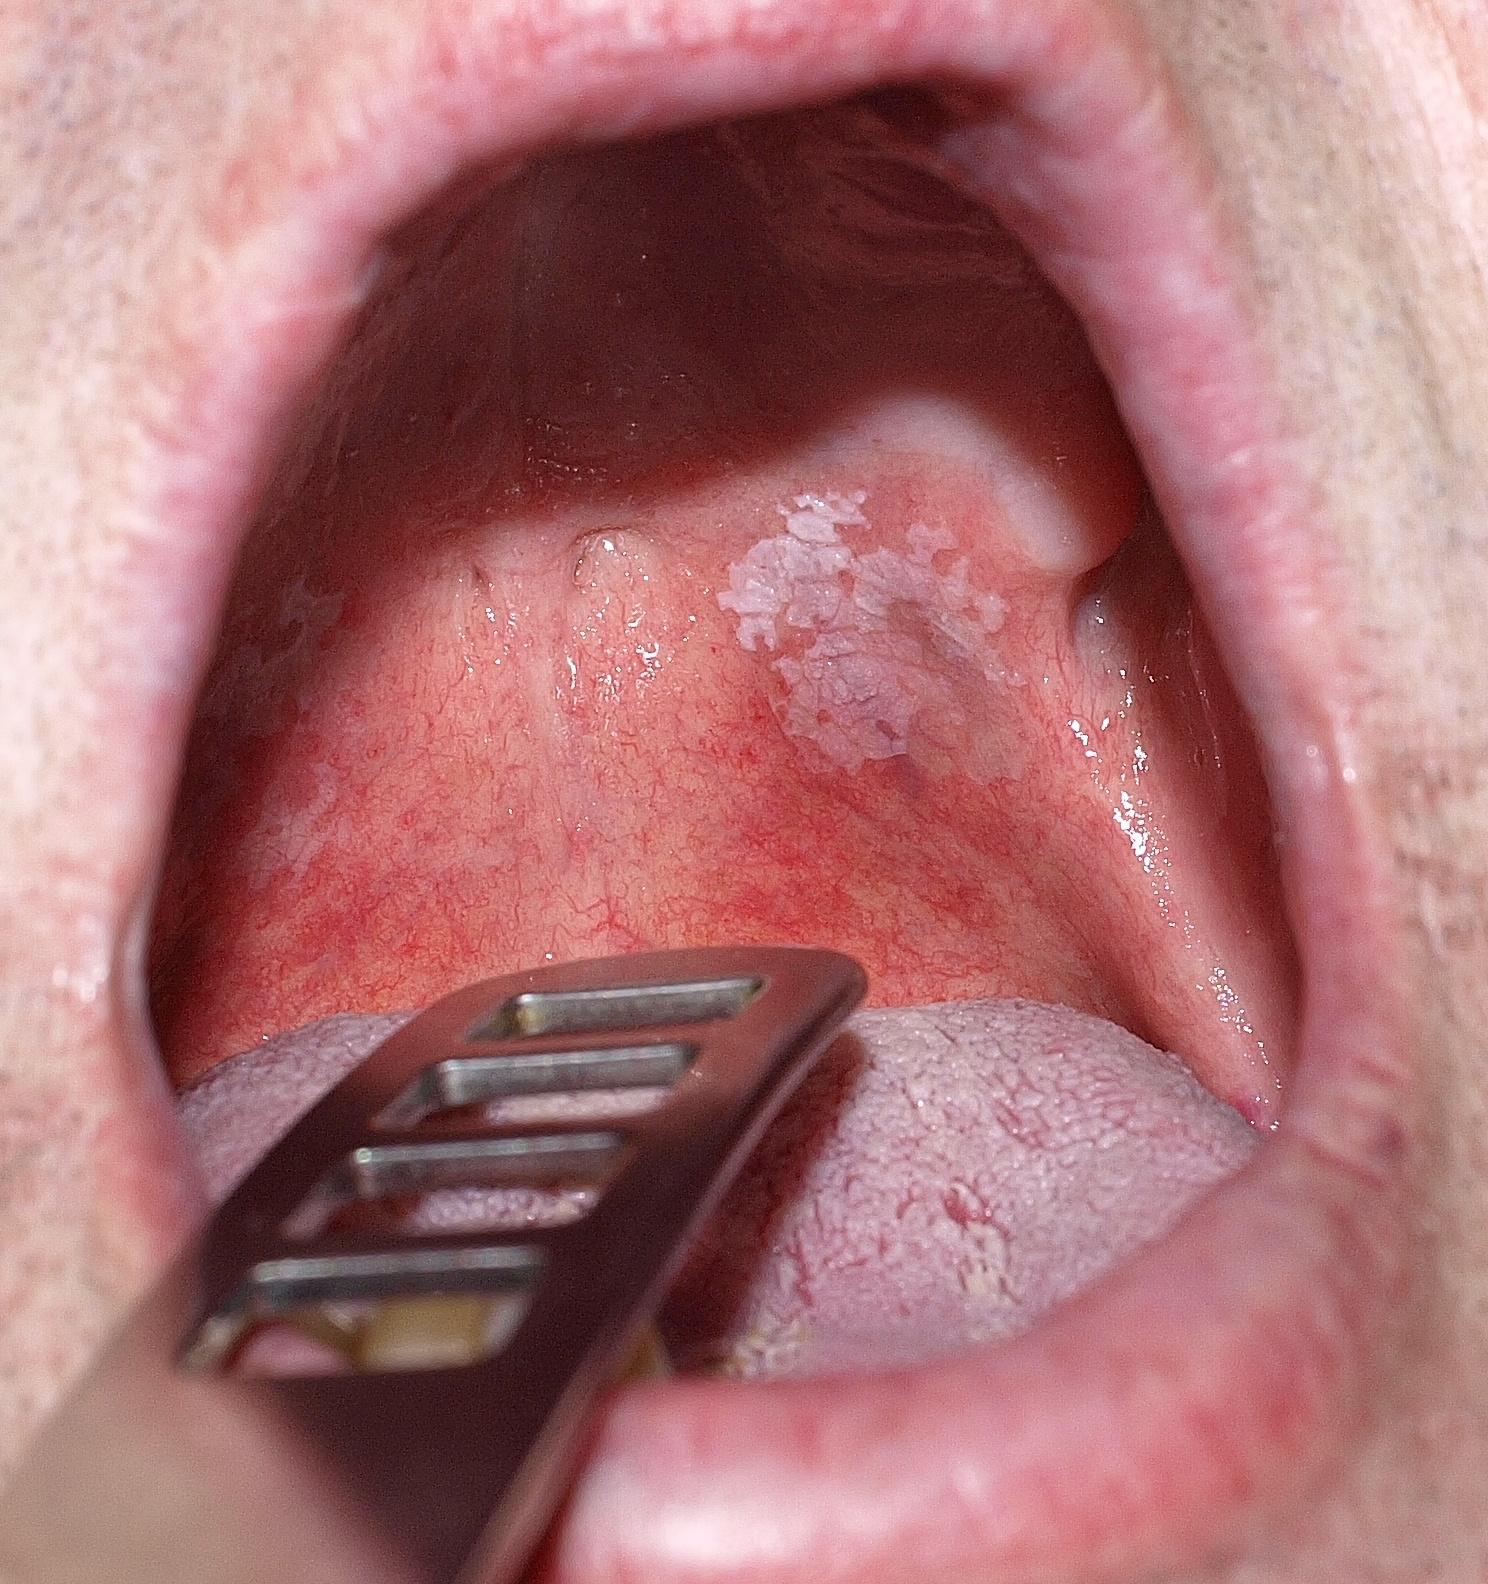 Miért van egy baba bőrkiütése a szájban és a lázban - Allergének